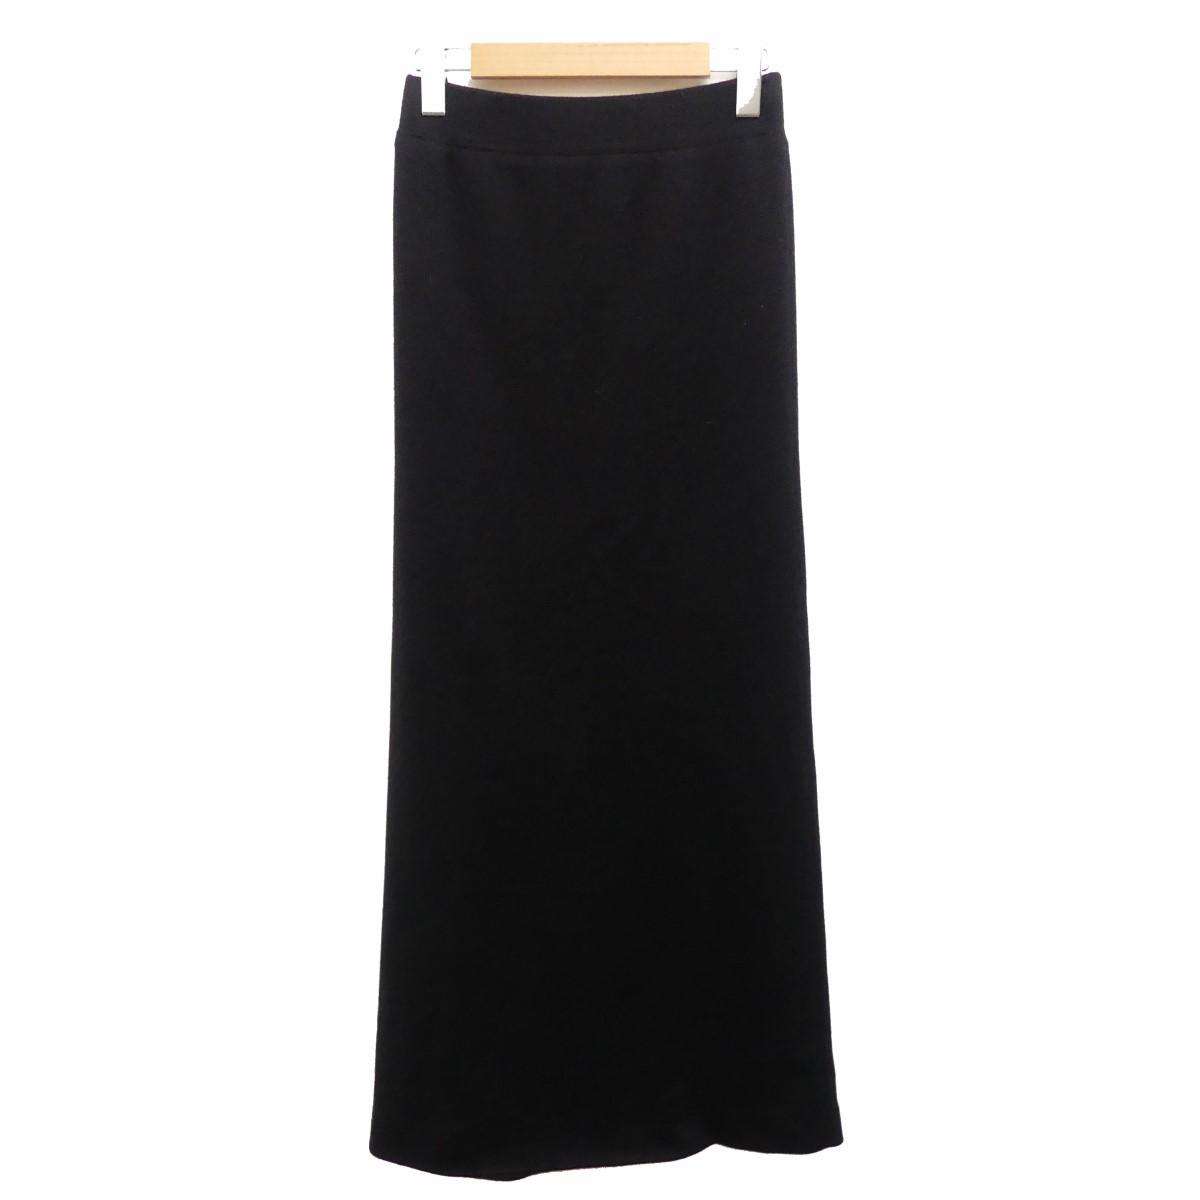 【中古】DEUXIEME CLASSE 19SS PAN ニット スカート ブラック サイズ:F 【100920】(ドゥーズィエムクラス)